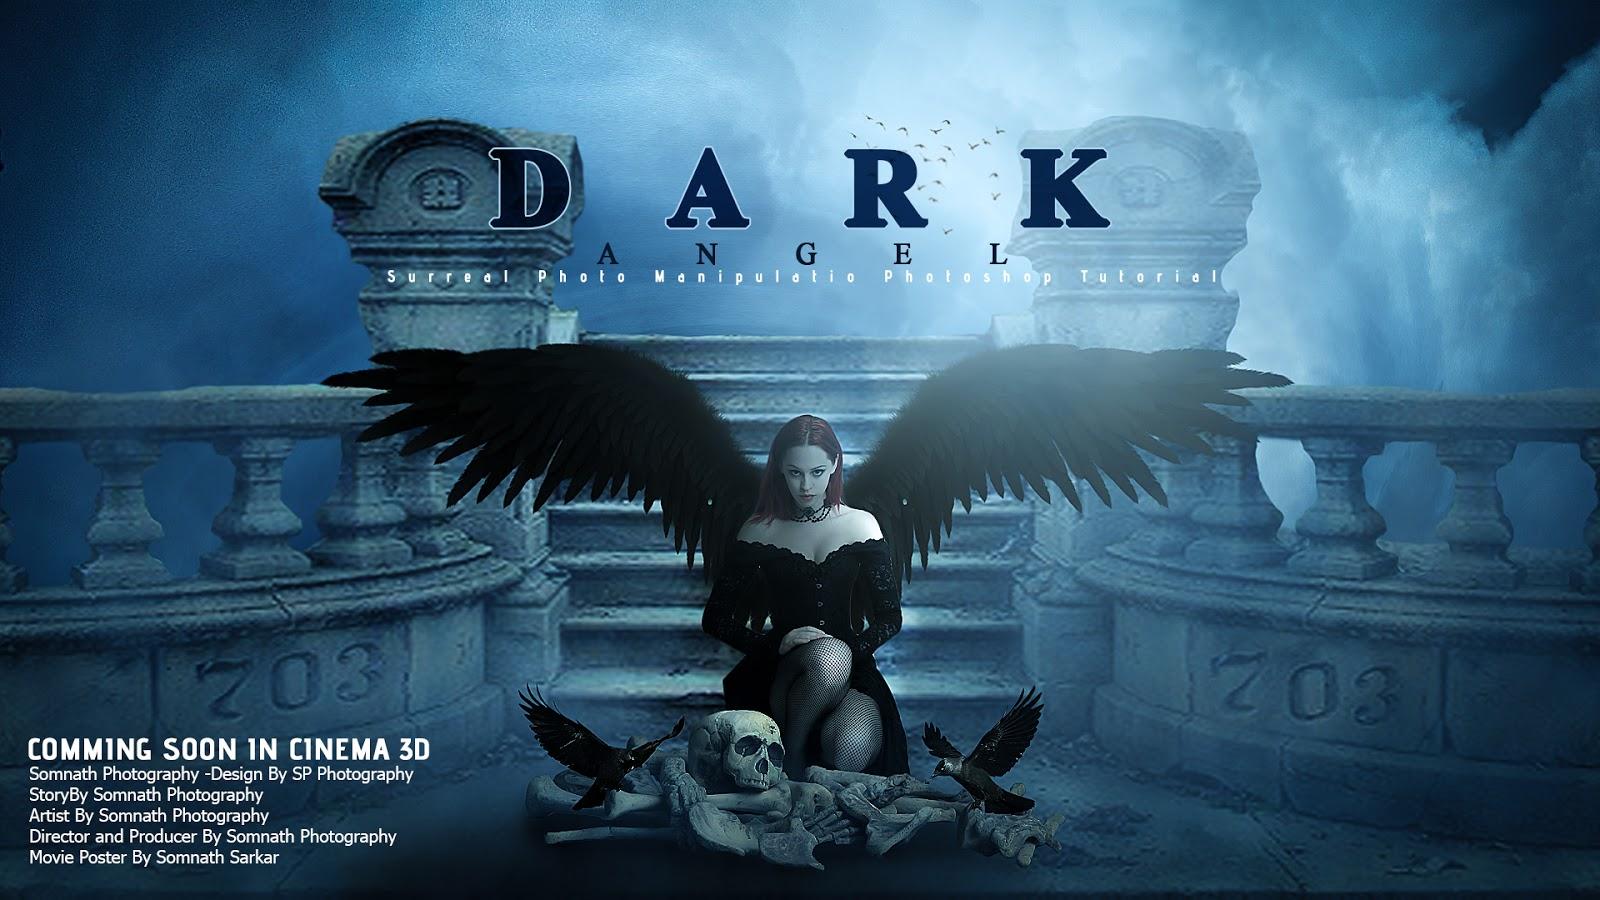 Adobe Photoshop Tutorials : Make Movie Poster Design